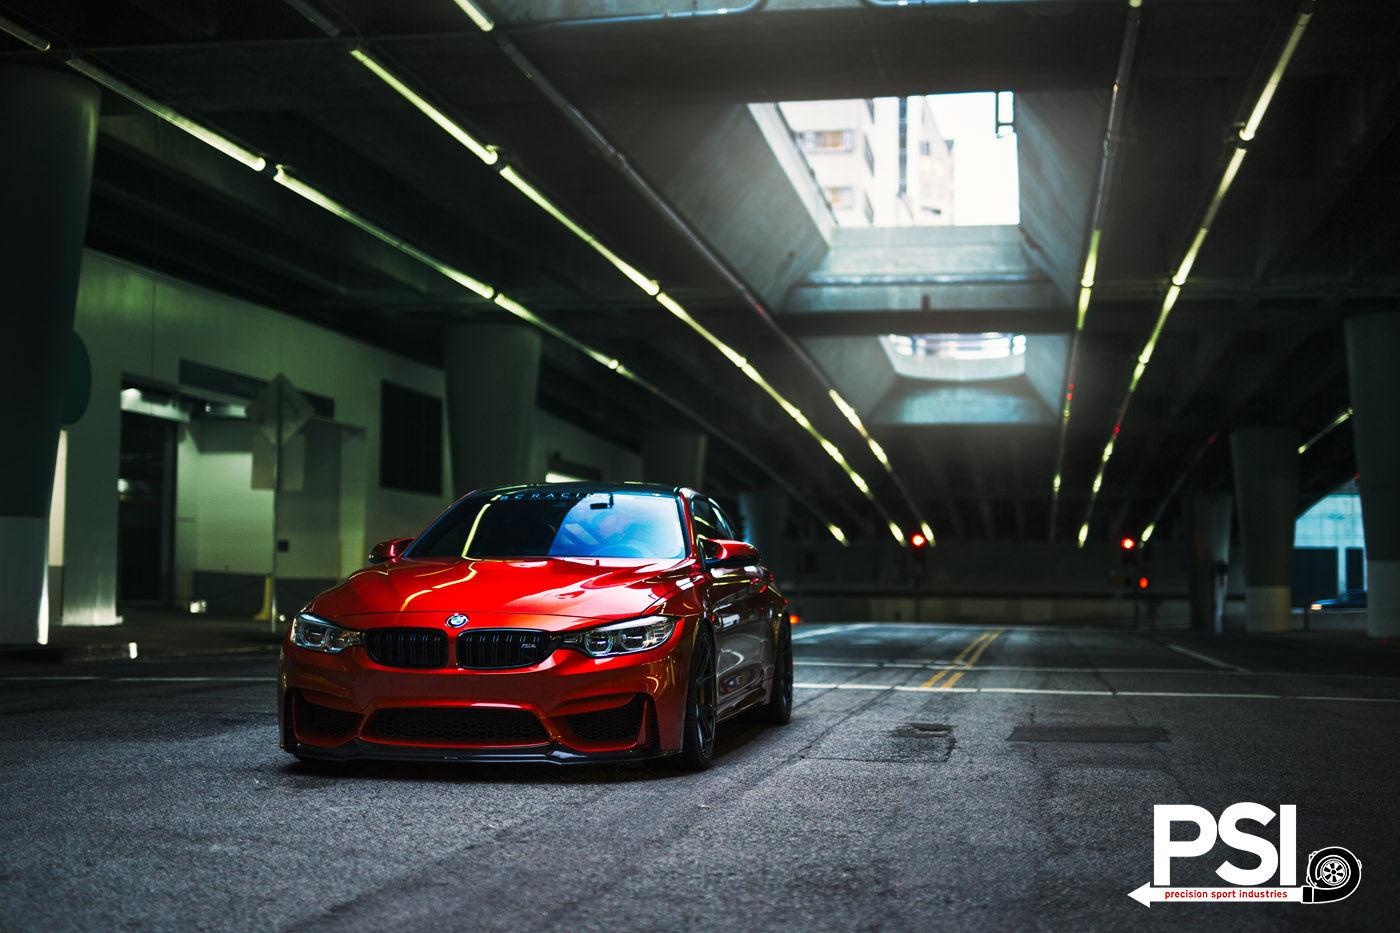 BMW M4 | PSI's BMW M4